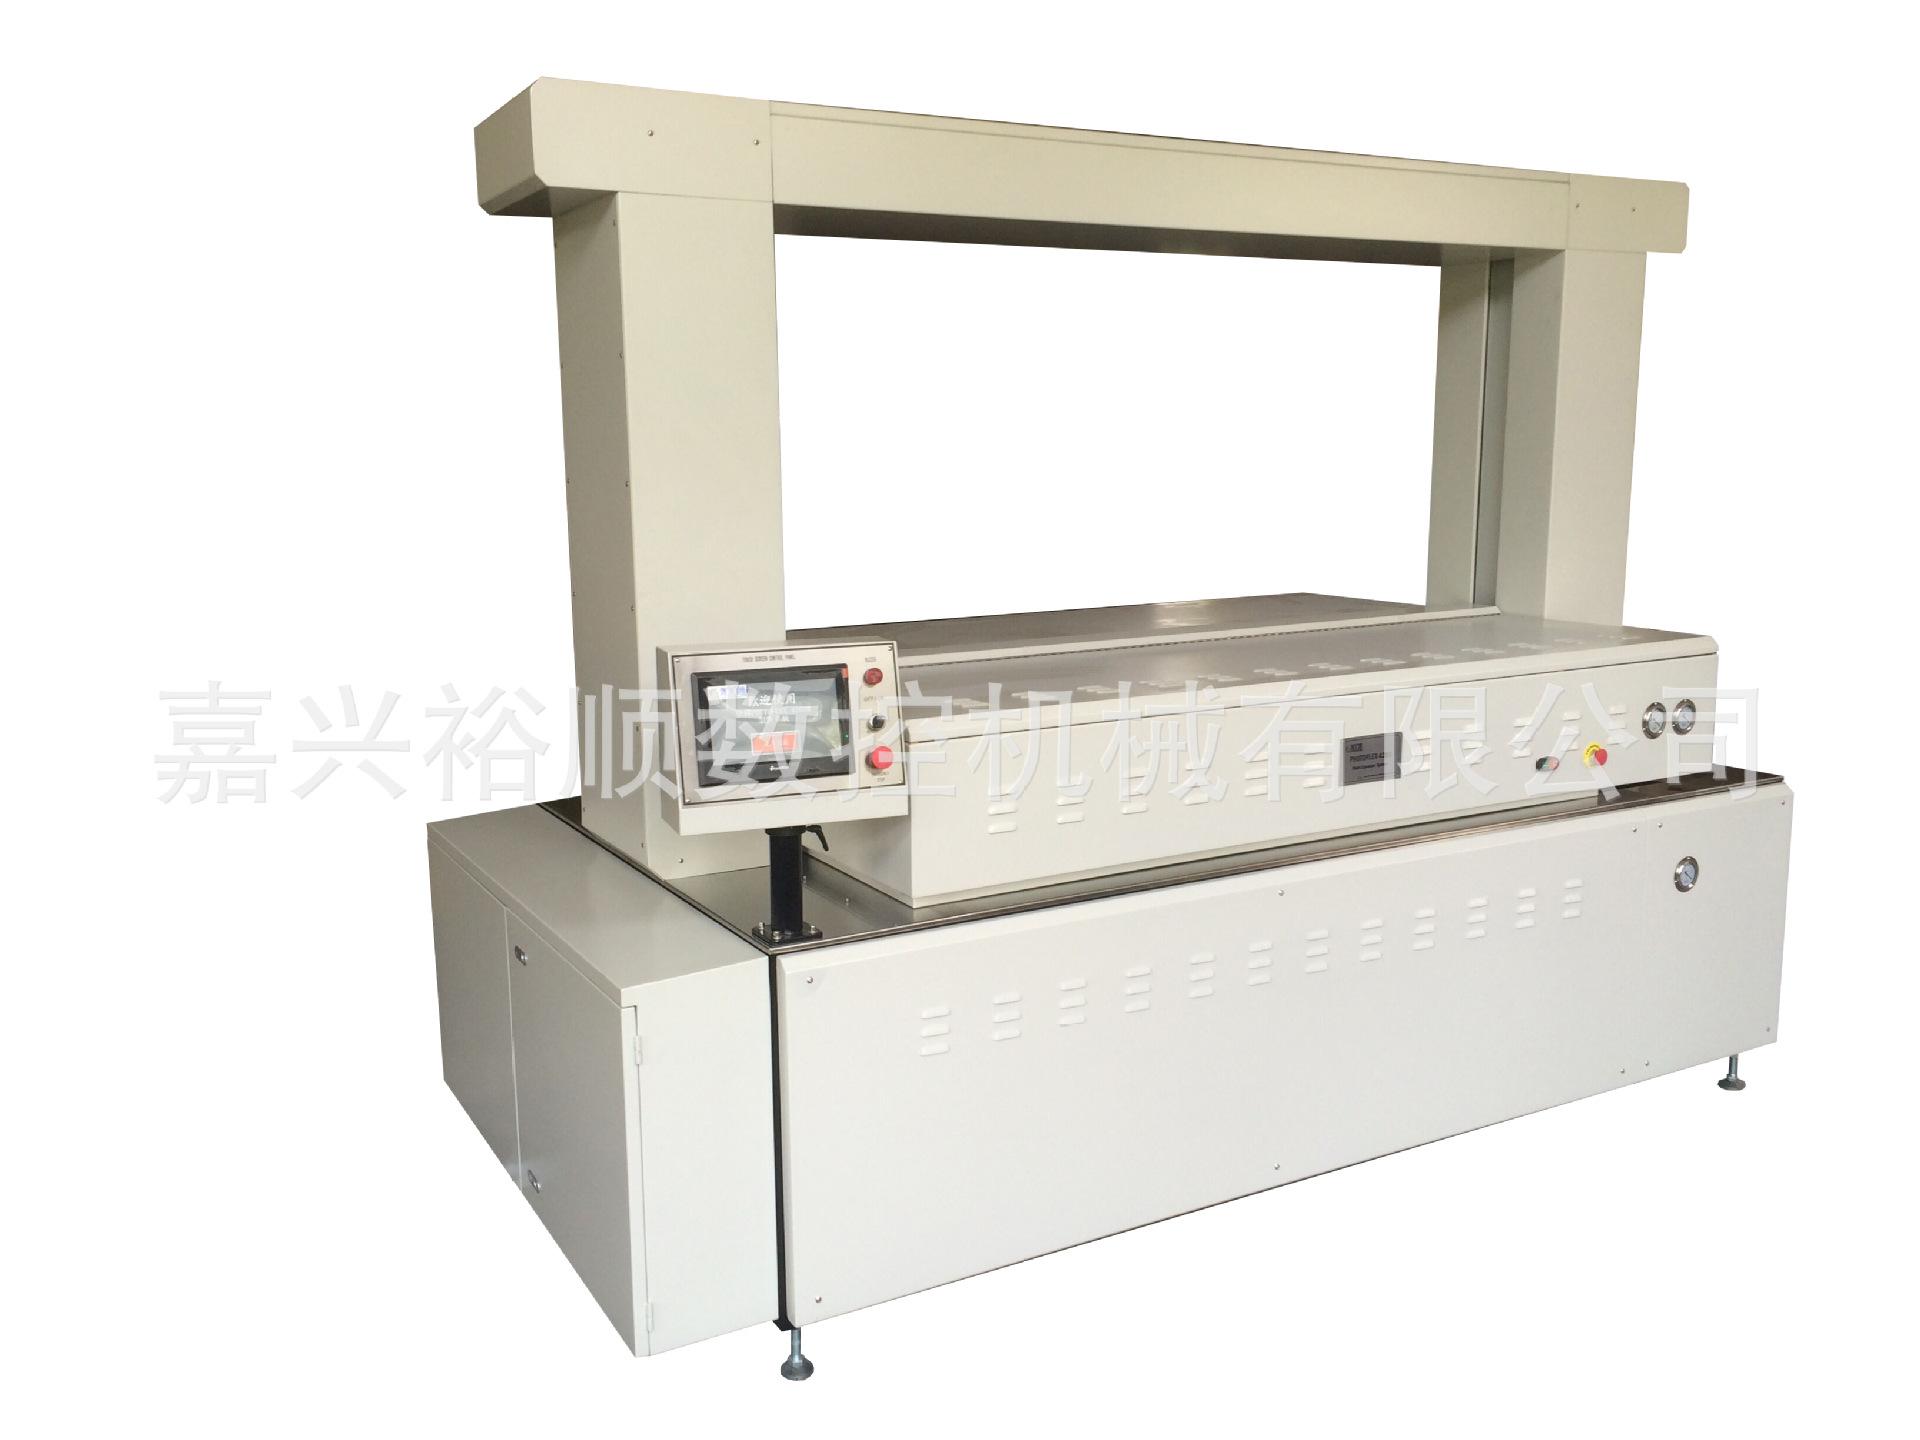 厂家直销定制液态树脂版制版机ys-4260m/5280